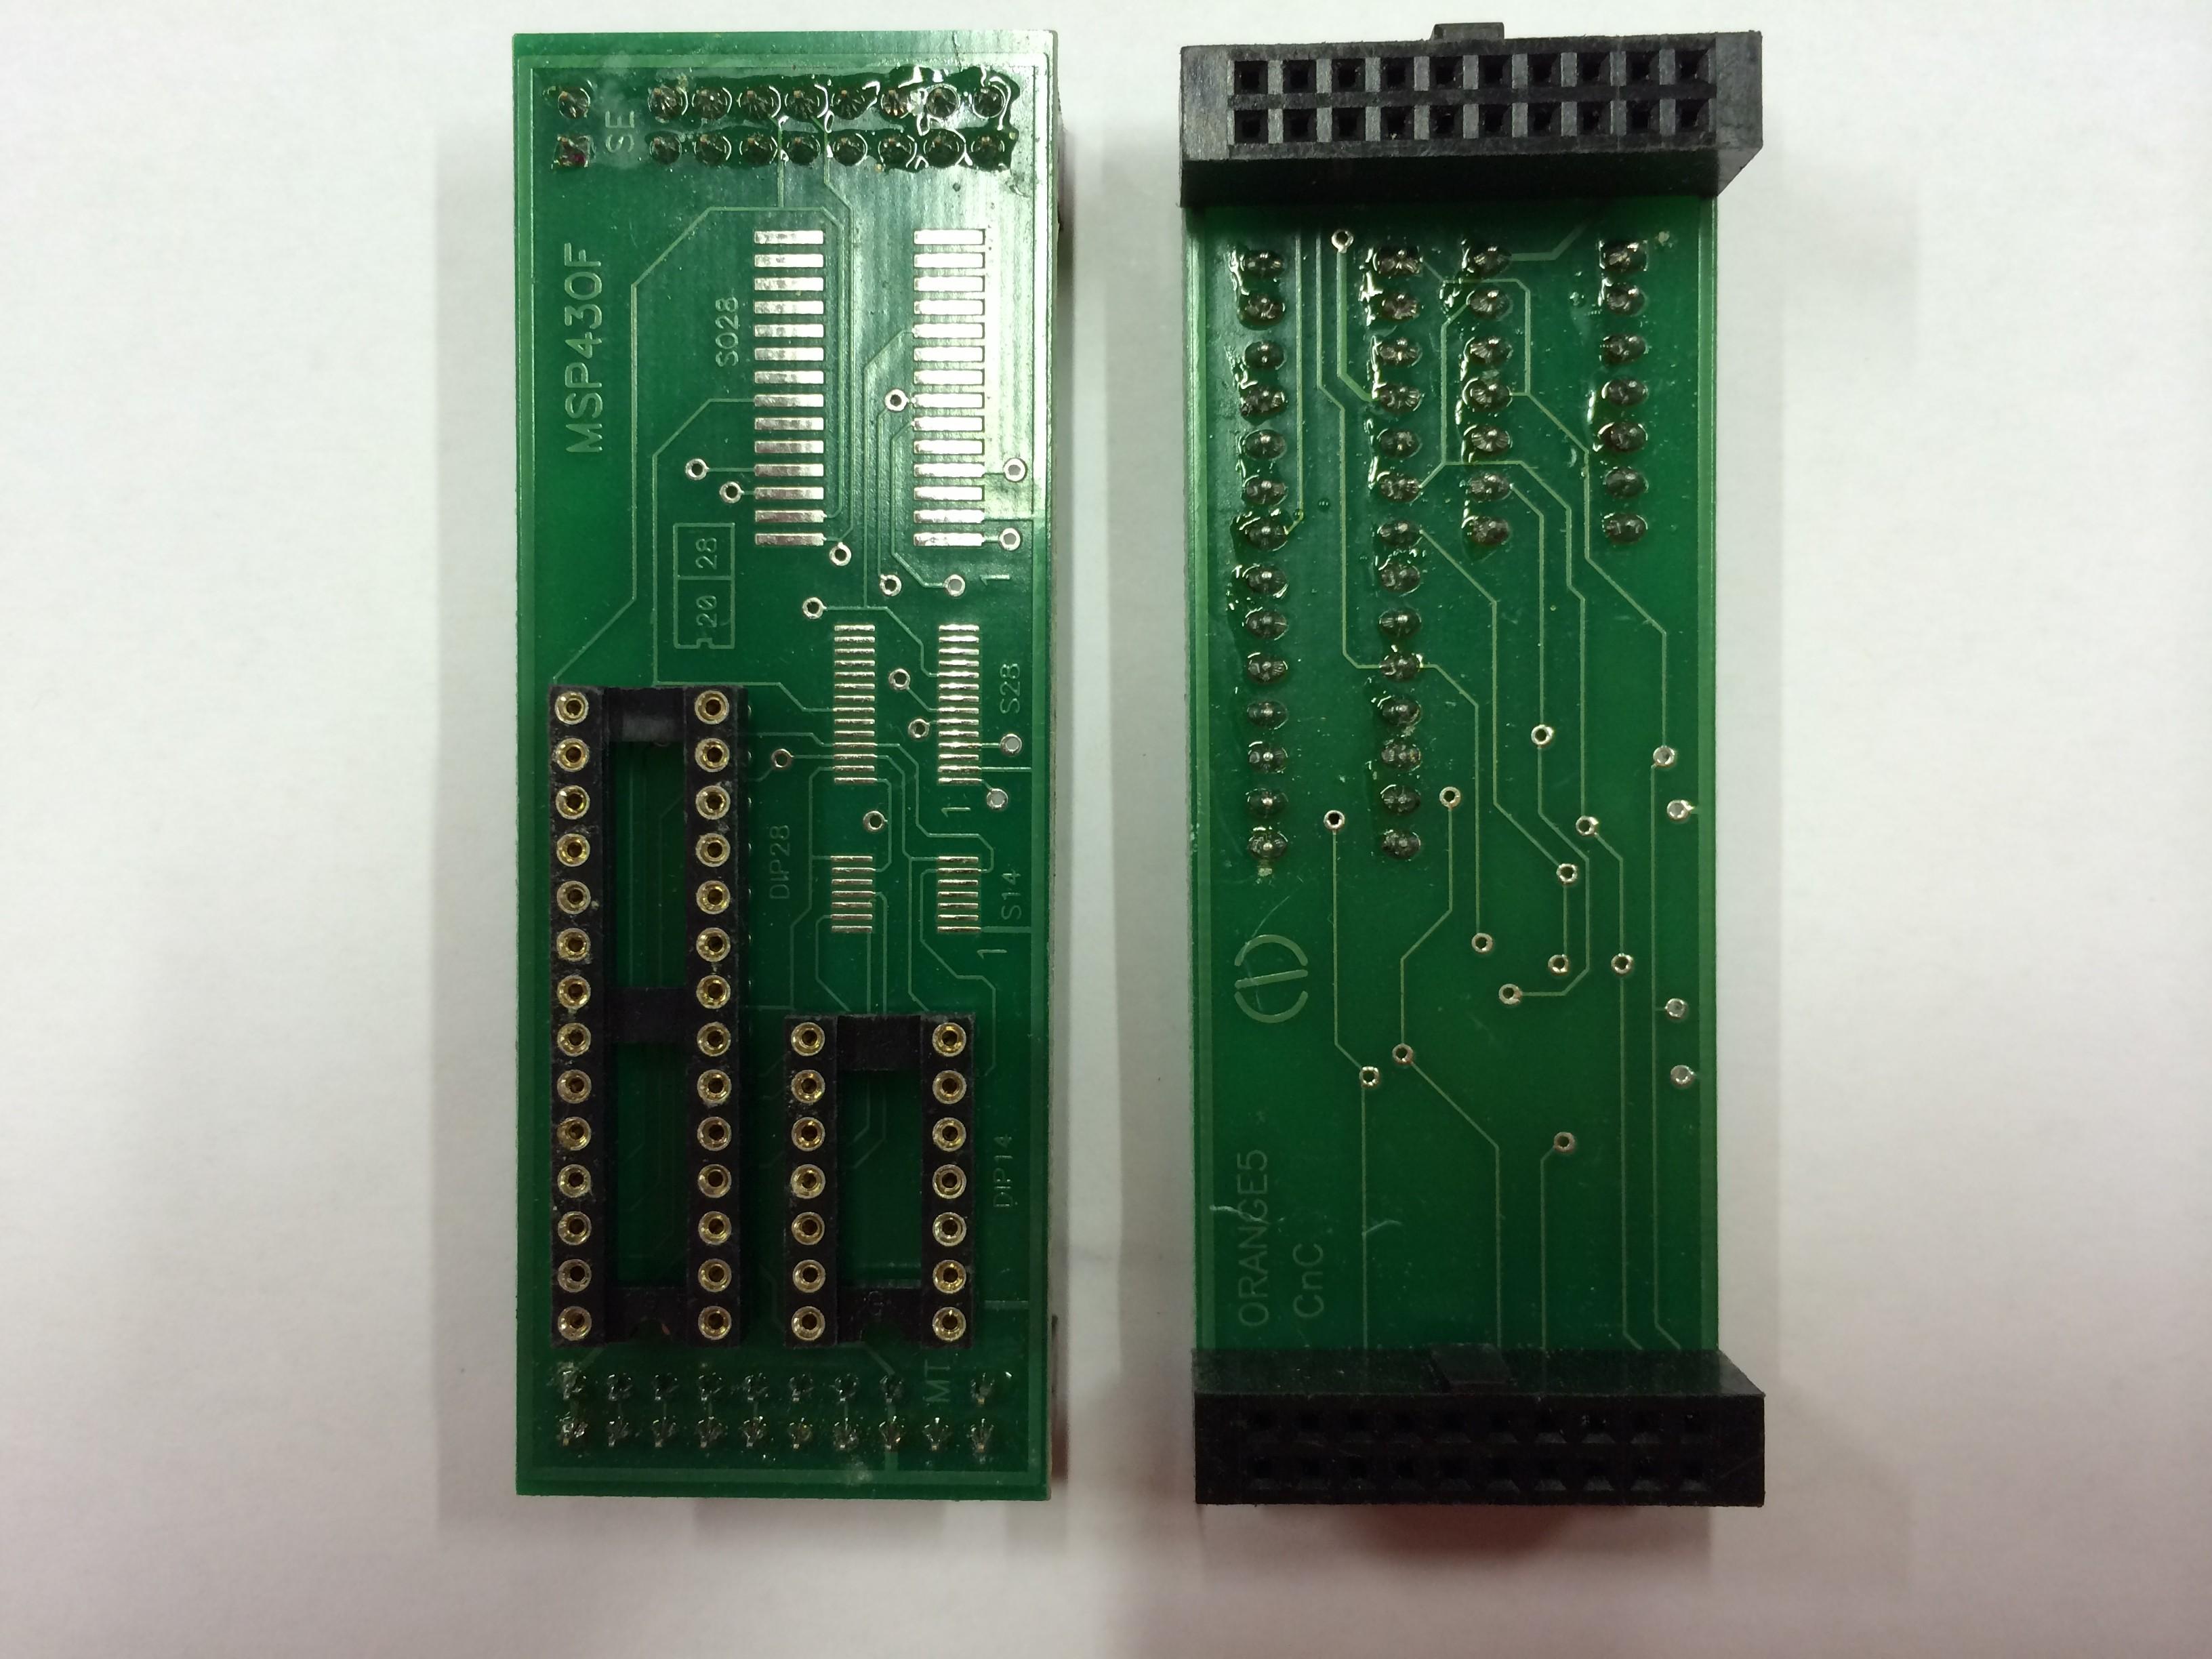 MSP430F